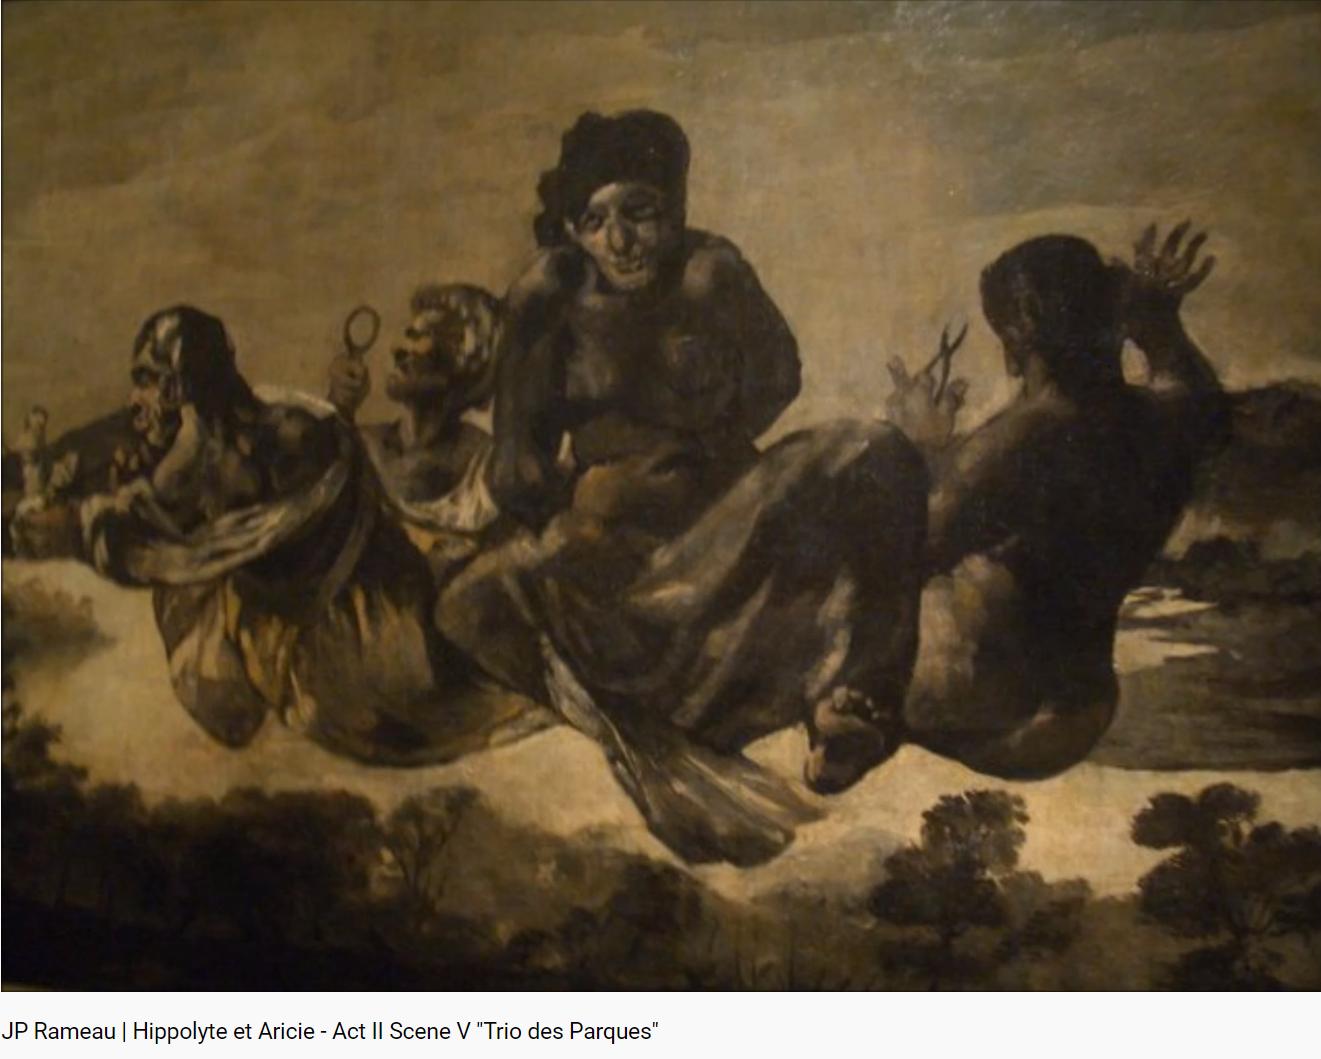 Rameau Hippolyte et Aricie Trio des Parques (Quelle soudaine horreur)